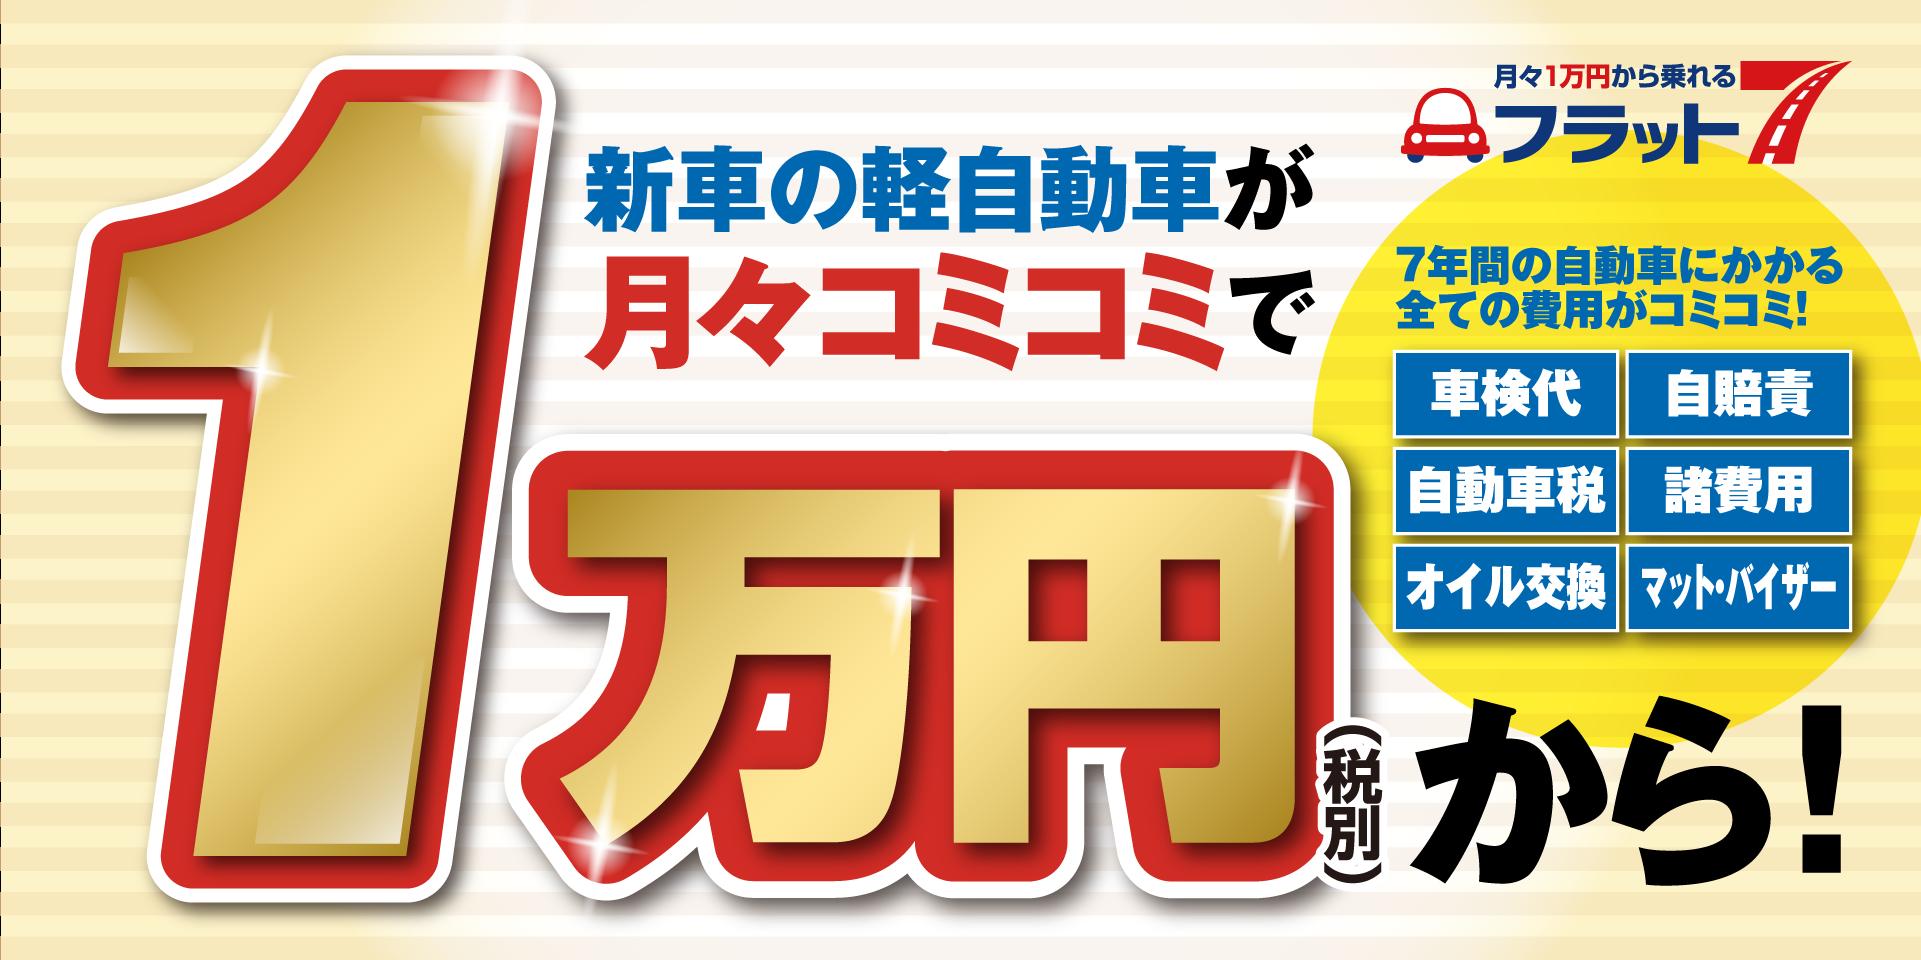 月々1万円から乗れる フラット7 新車 軽自動車 7年間 定額 伊賀 名張 オートセンターモリ